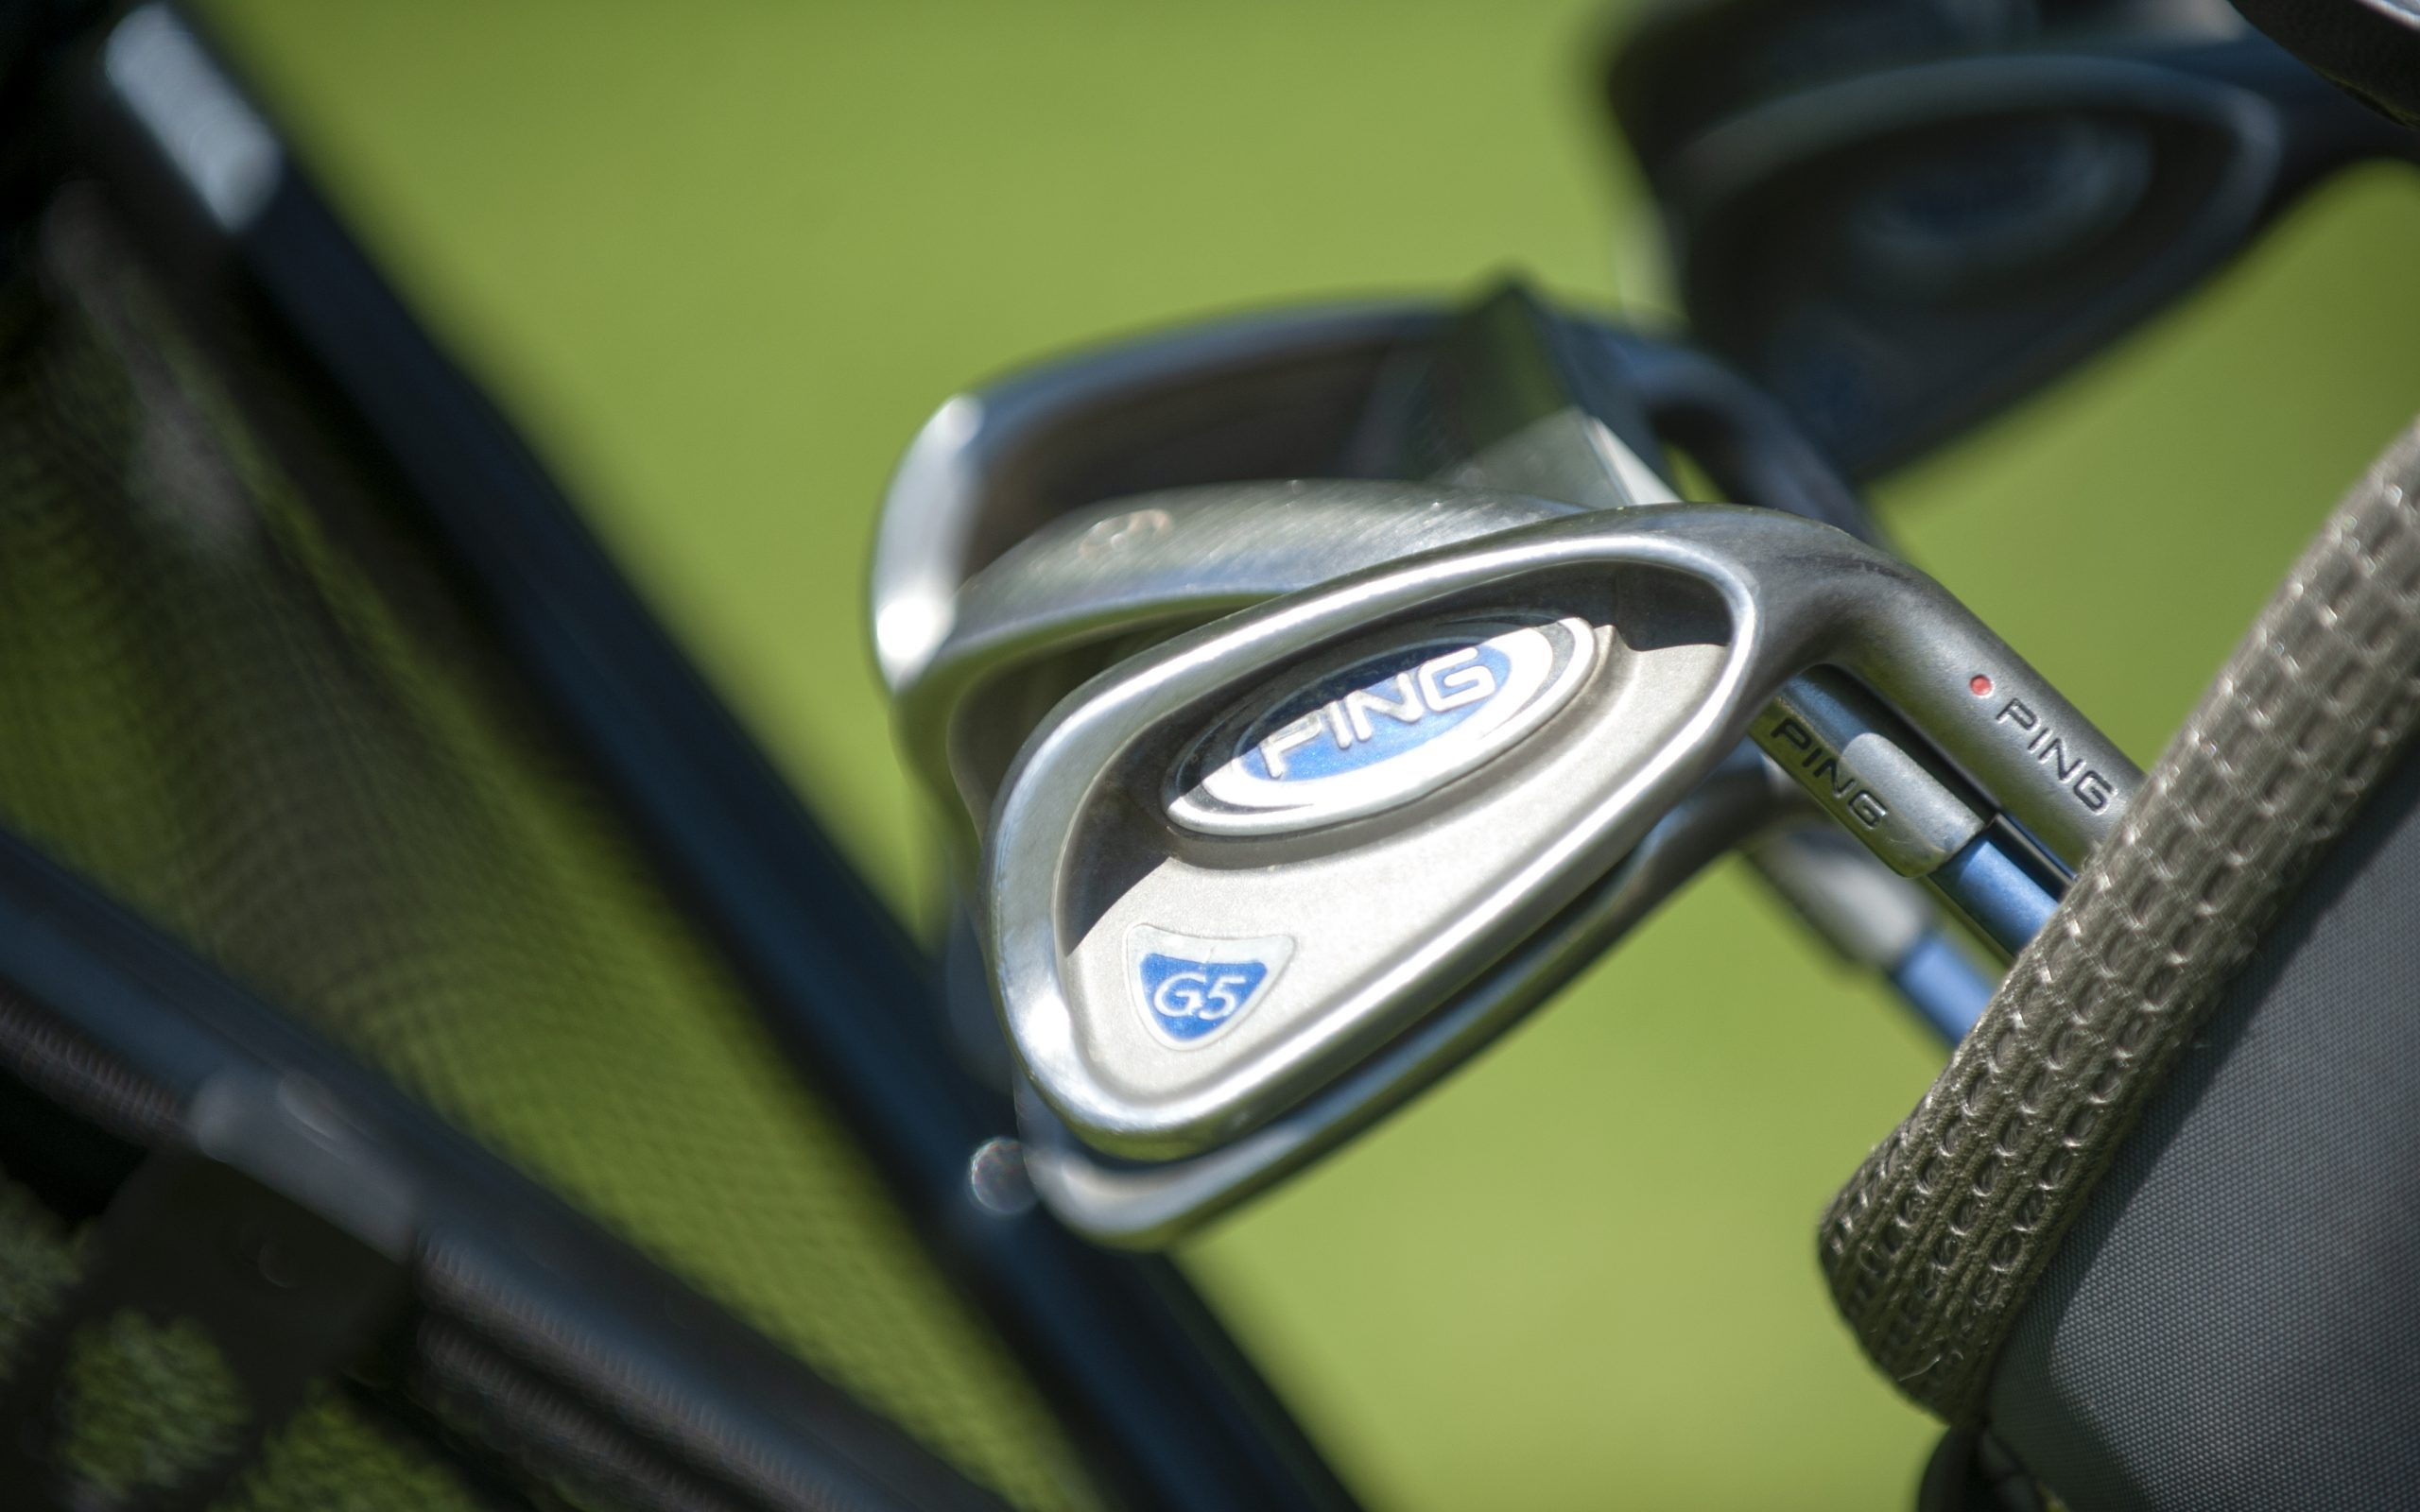 Golf060220 NAW2 1 scaled jpg?fit=2560,1600&ssl=1.'